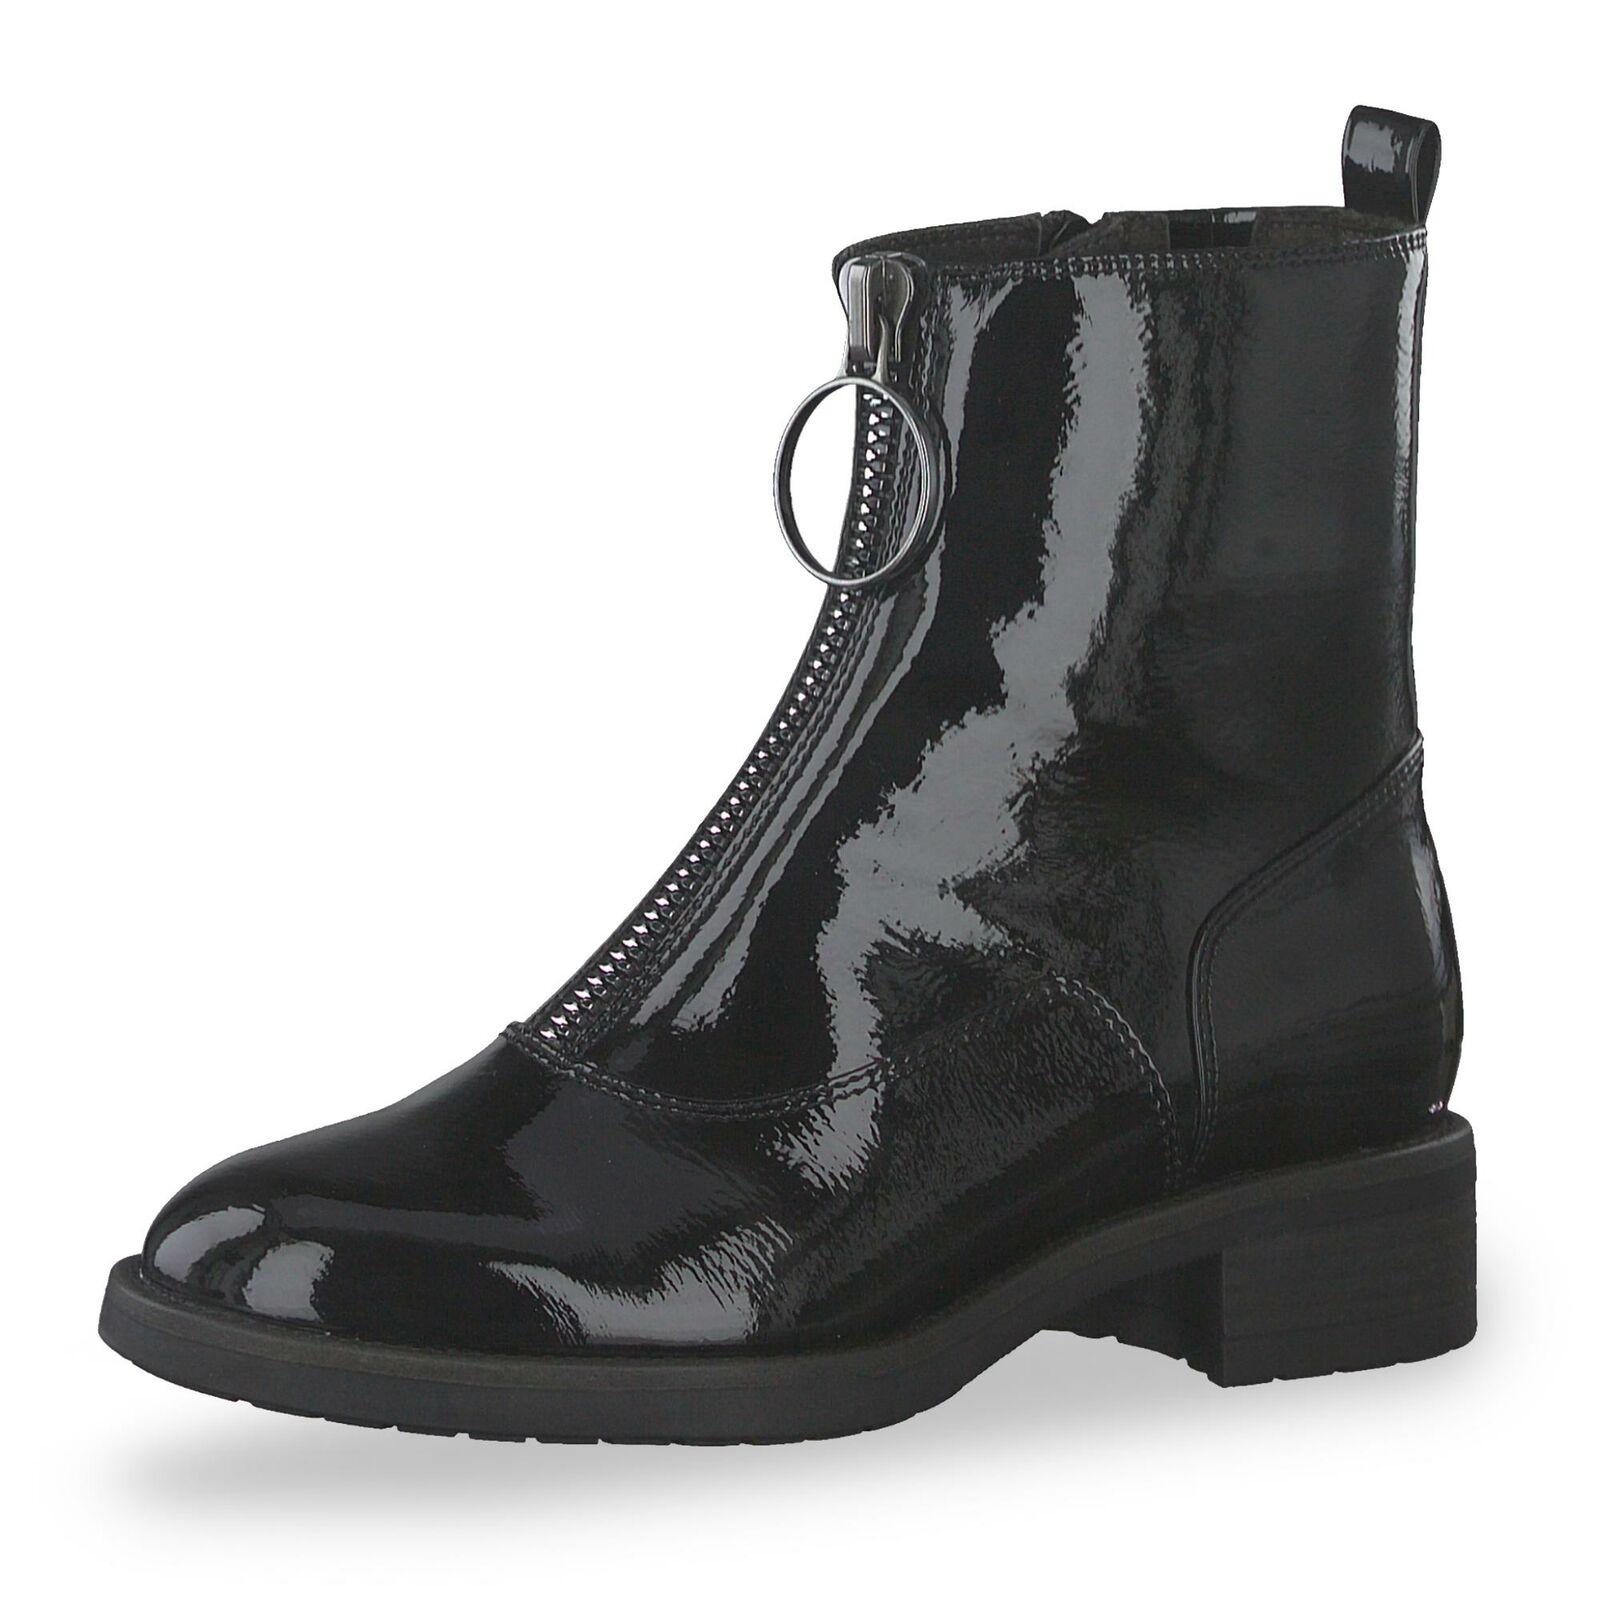 Tamaris Damen modische Stiefelette Stiefel Stiefel Herbstschuhe Schuhe schwarz